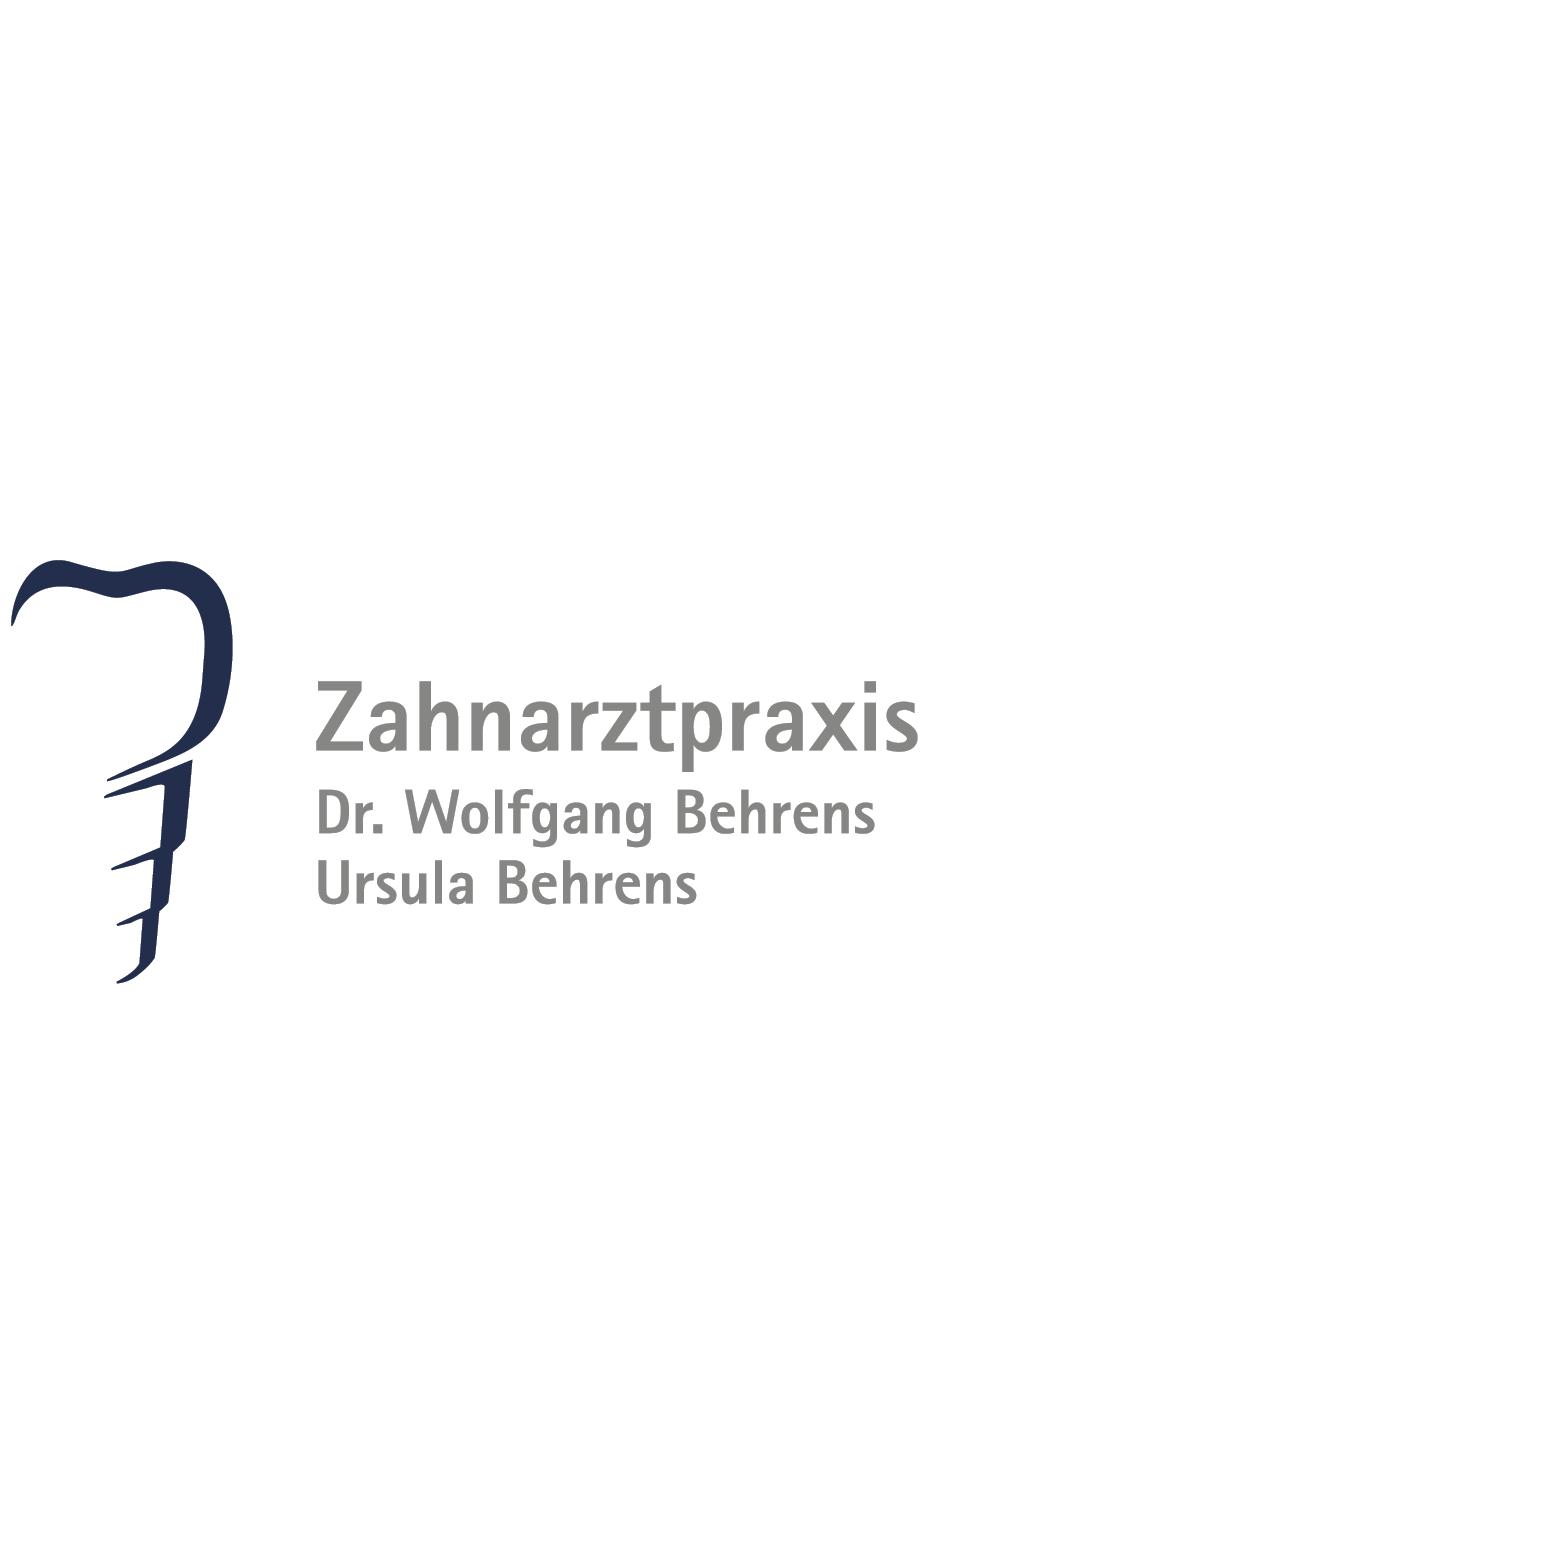 Bild zu Zahnarztpraxis Dr. Wolfgang Behrens und Ursula Behrens in Hannover